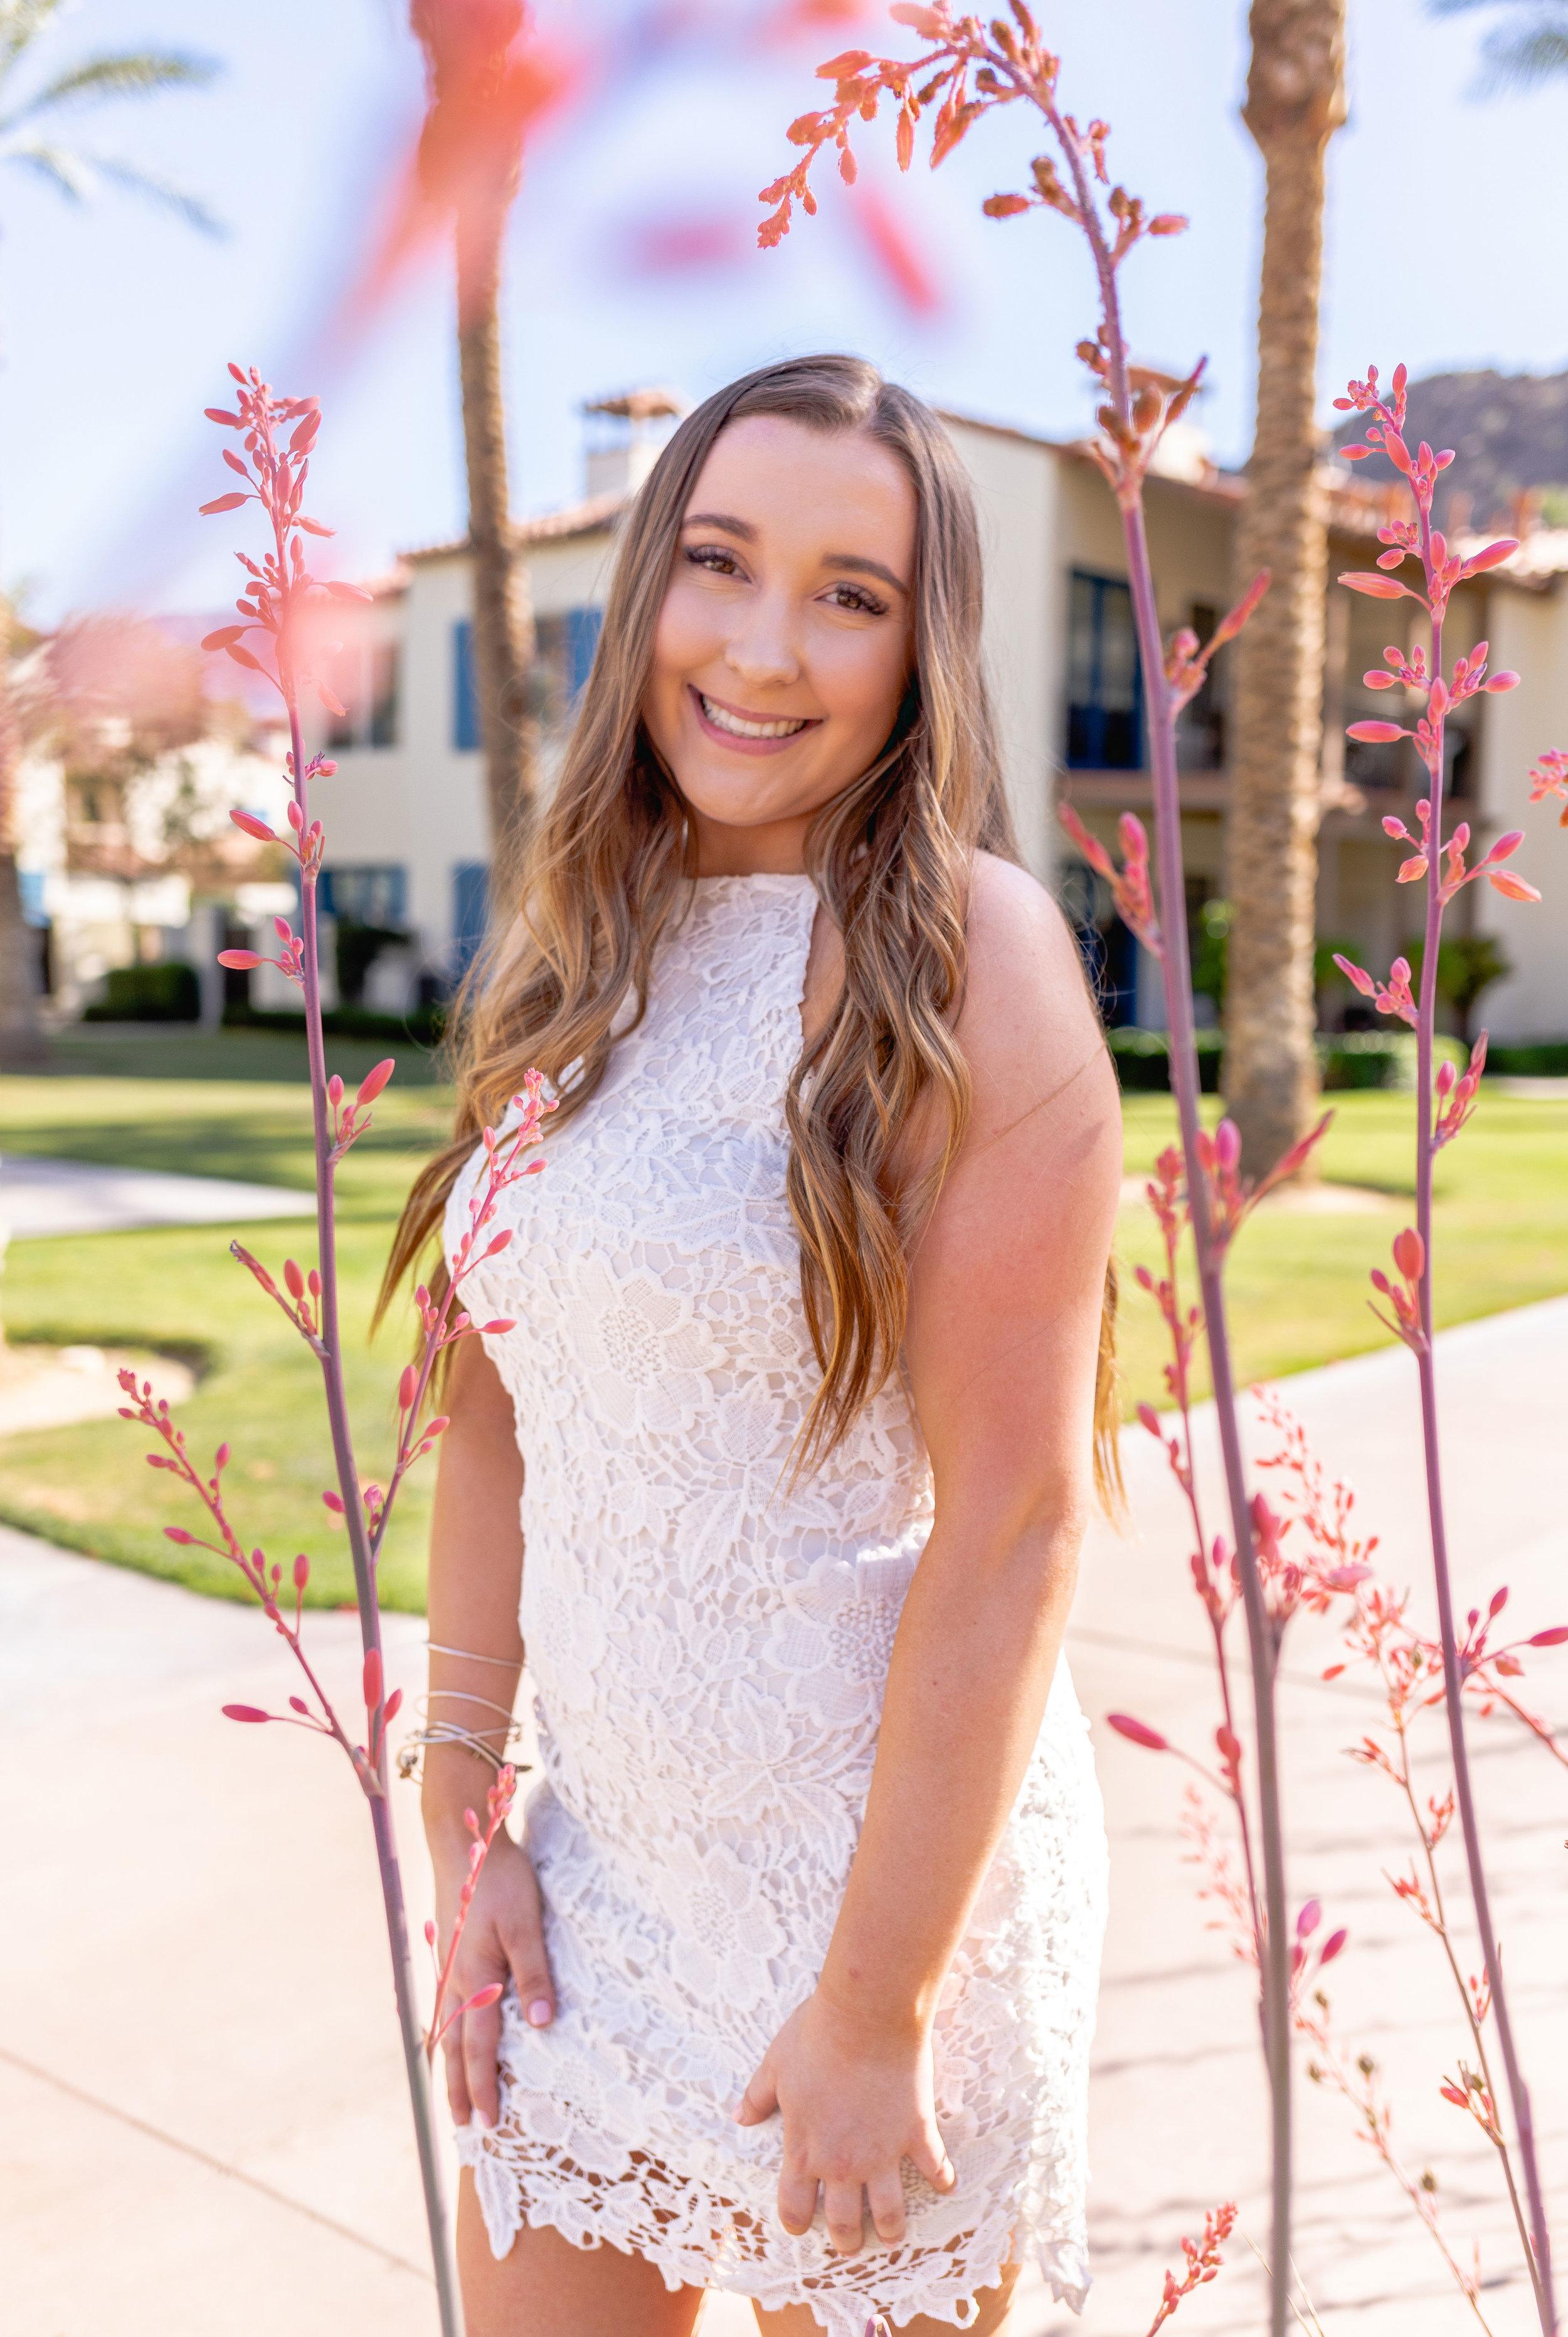 Natalie-2019-Grad-21.jpg